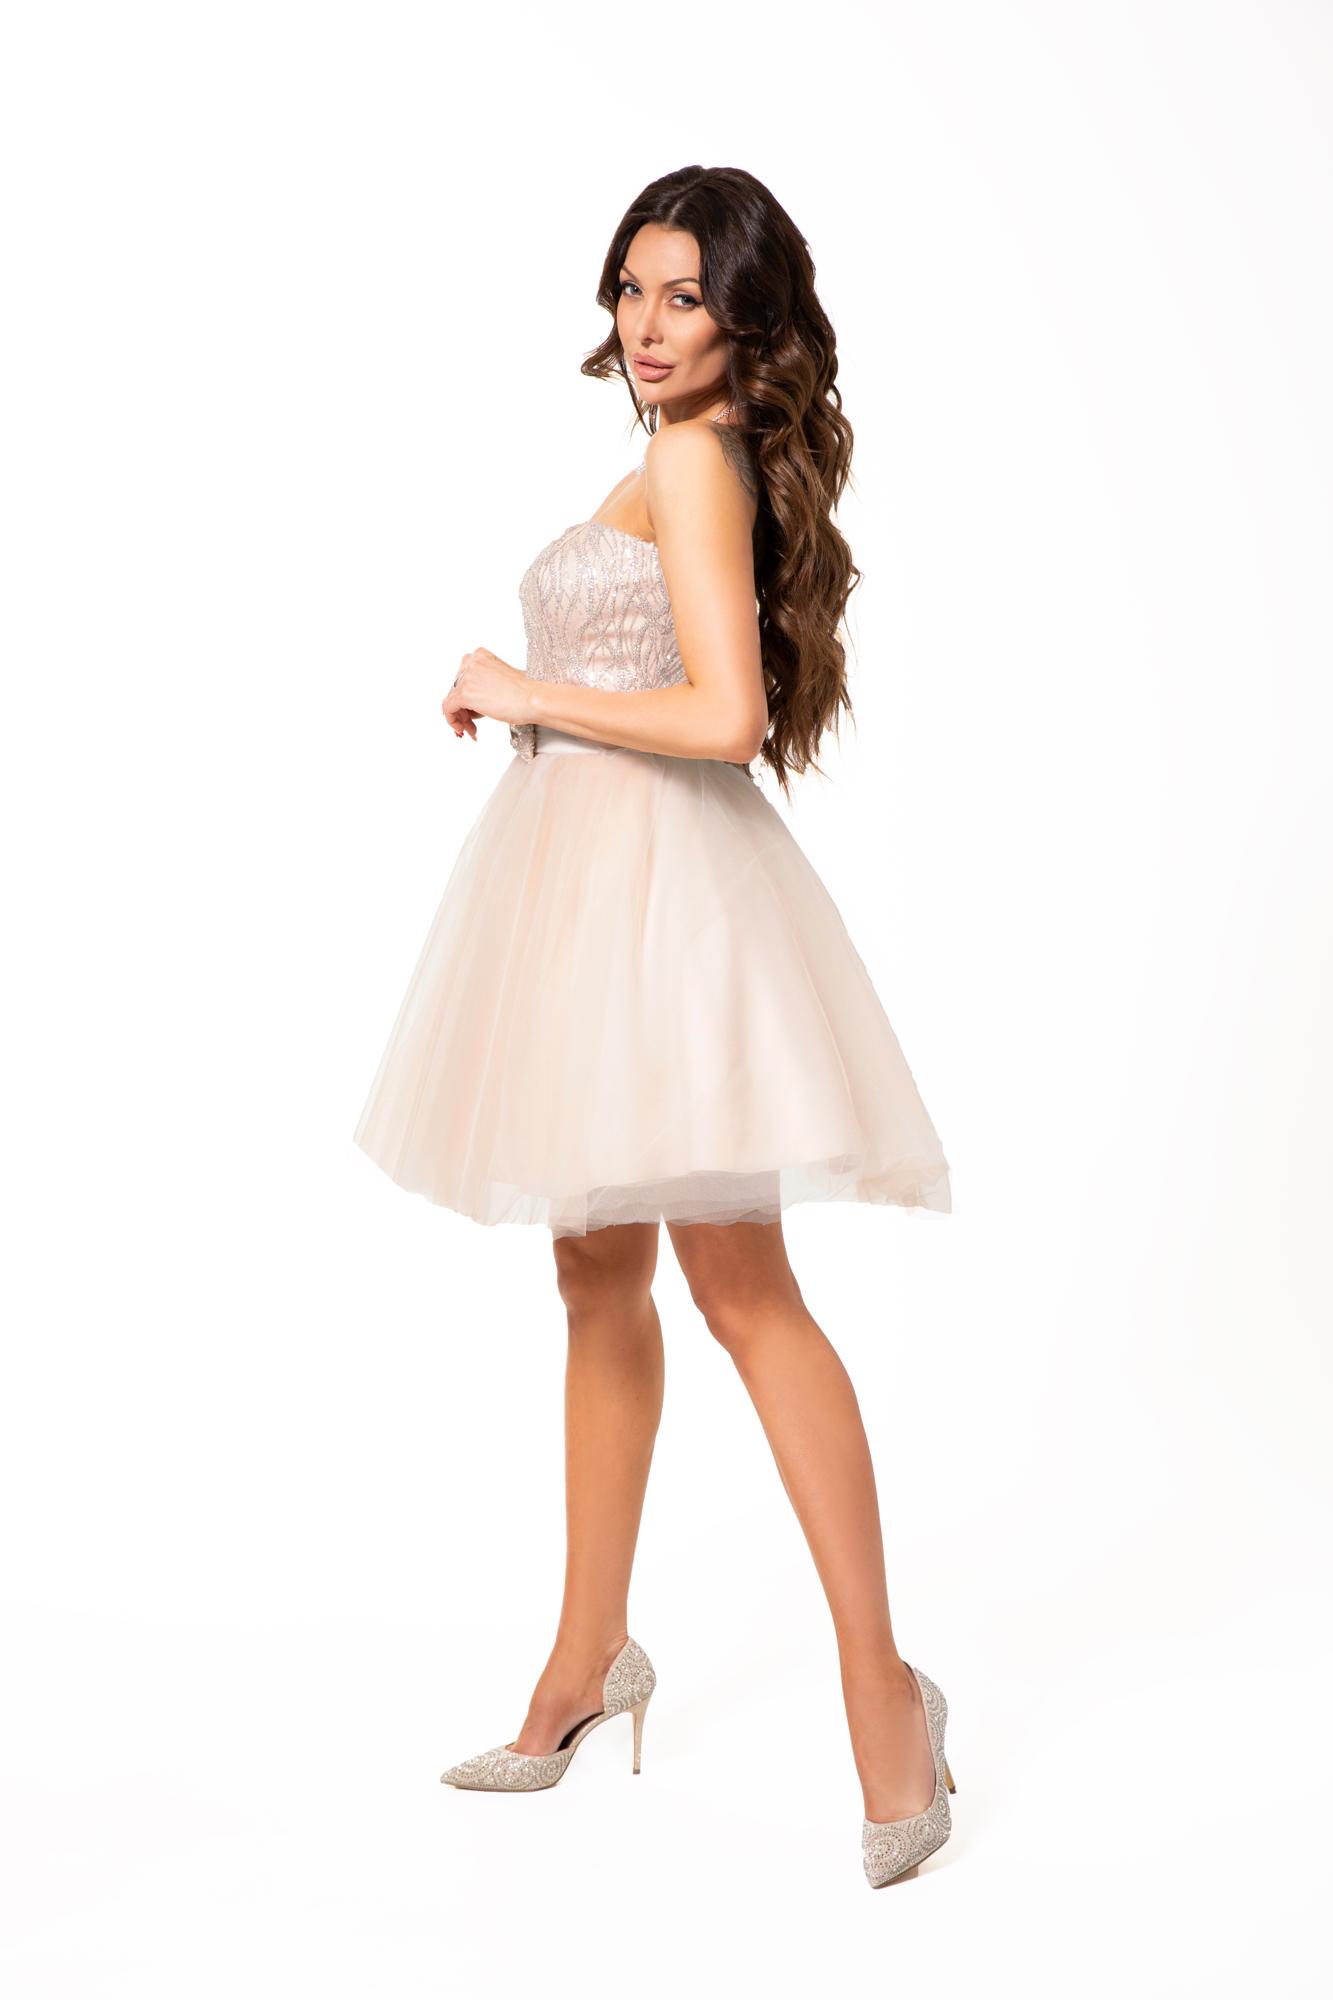 Suknia wieczorowa Izabella - Białe/beżowe